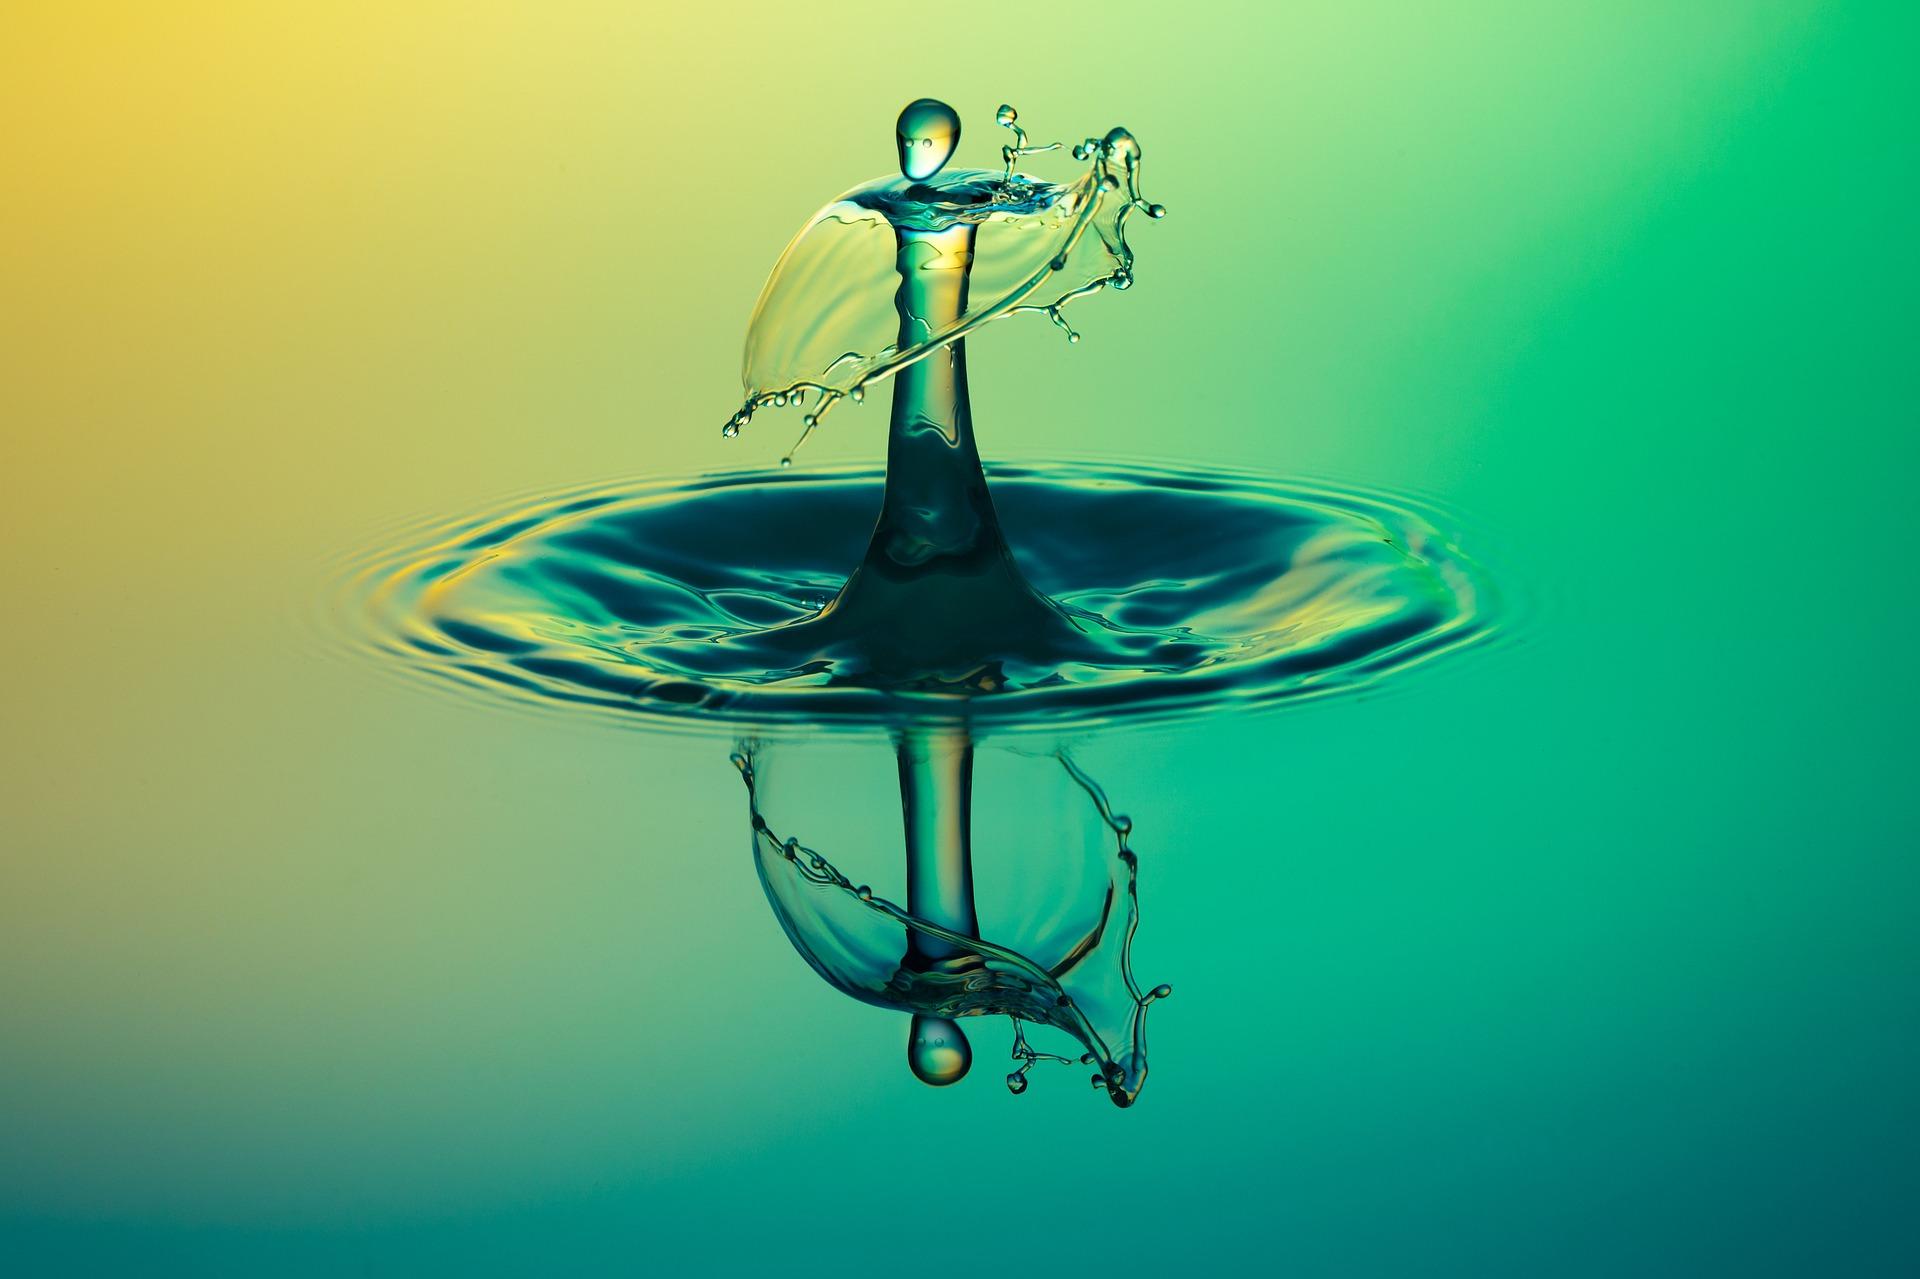 drop-of-water-1004250_1920.jpg